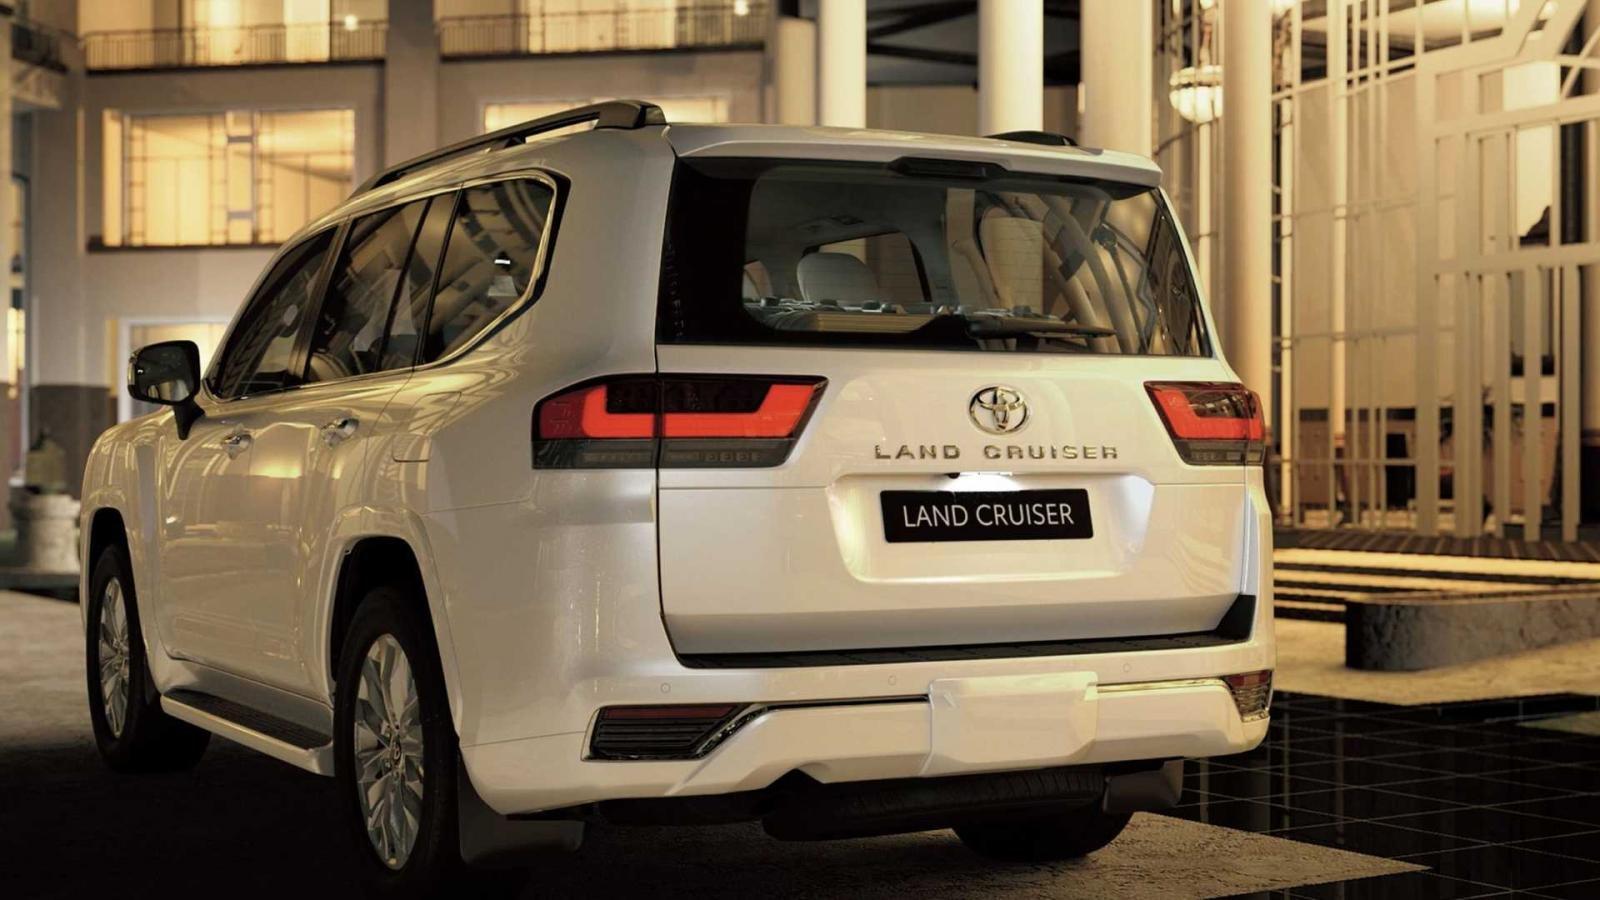 Toyota Land Cruiser 2022 mạnh mẽ hơn, hứa hẹn mang đến hiệu suất nhiên liệu cải tiến.